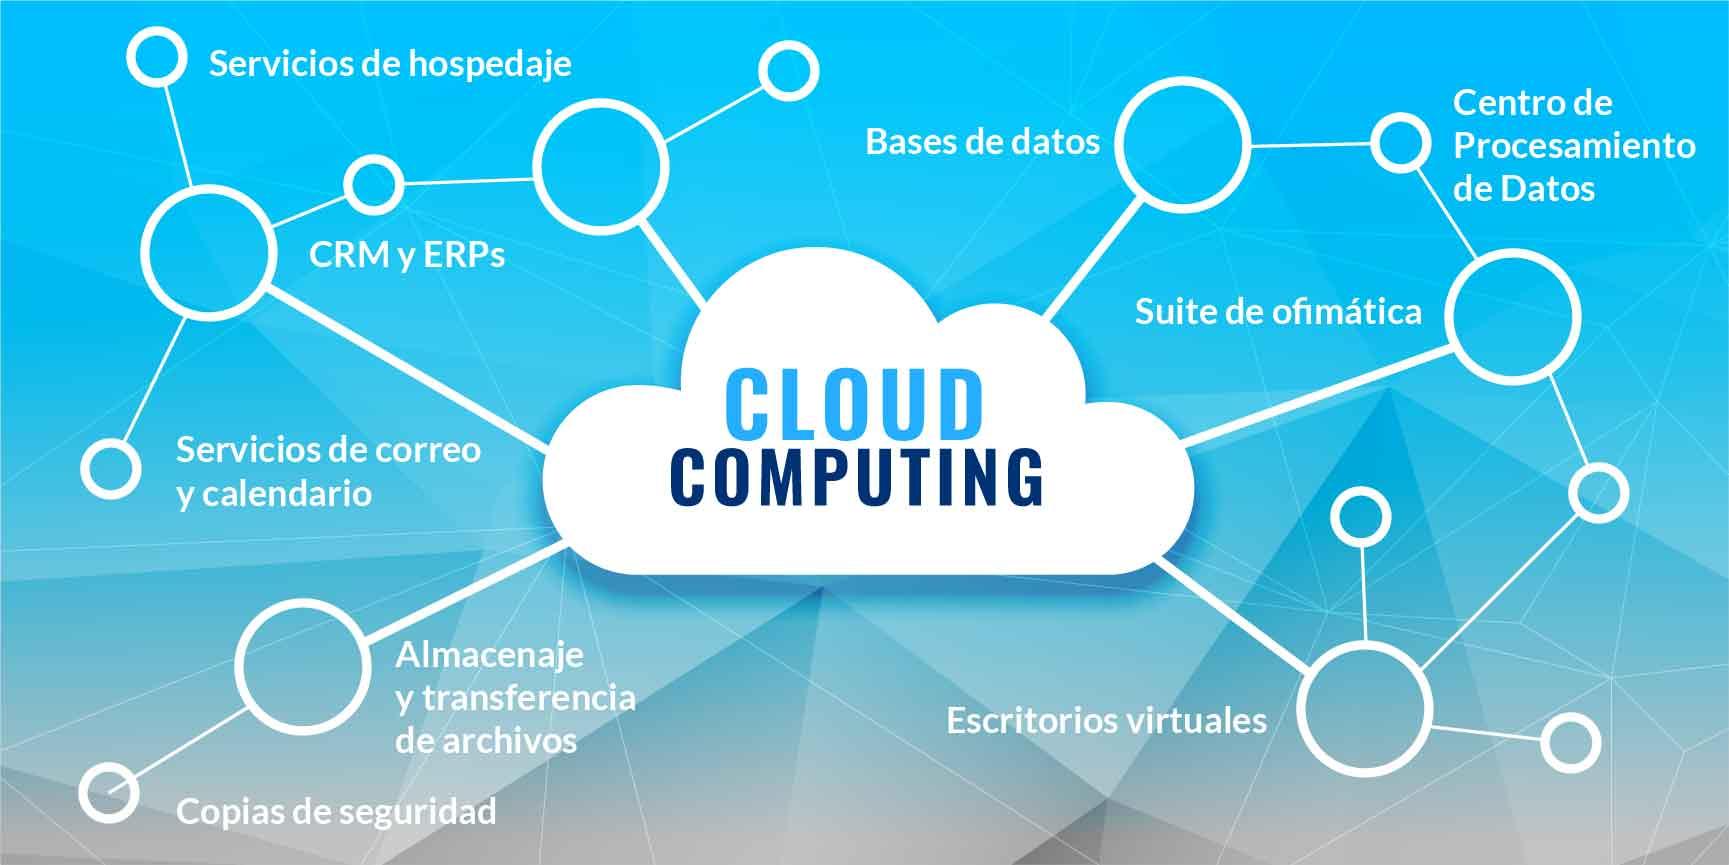 Servicios cloud computing empresas